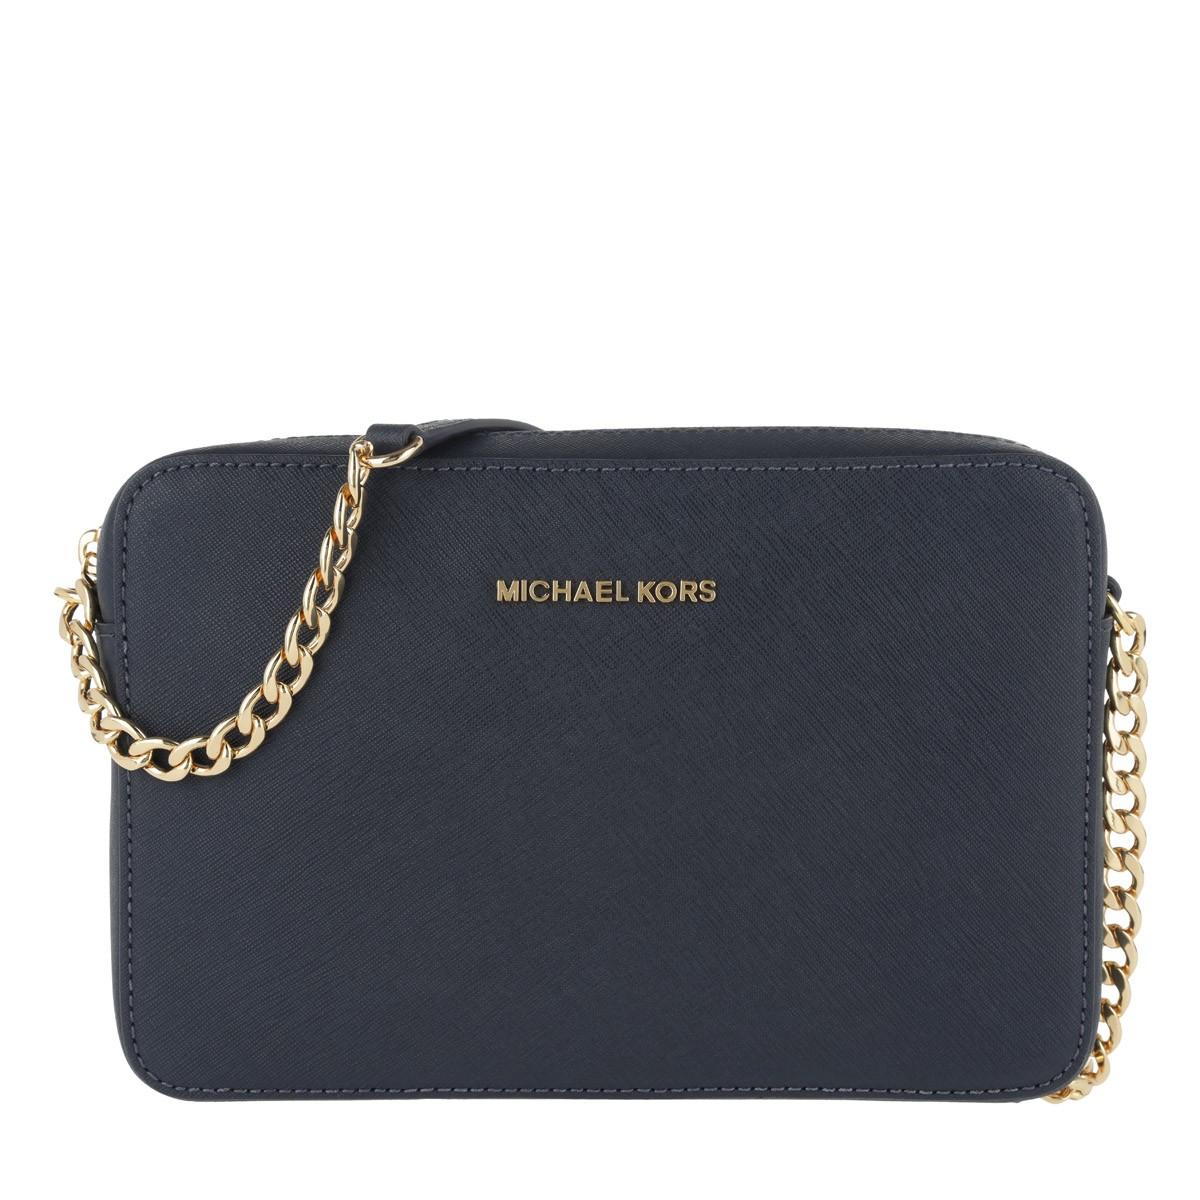 Michael Kors Umhängetasche - Large Ew Crossbody Bag Admiral - in blau - für Damen